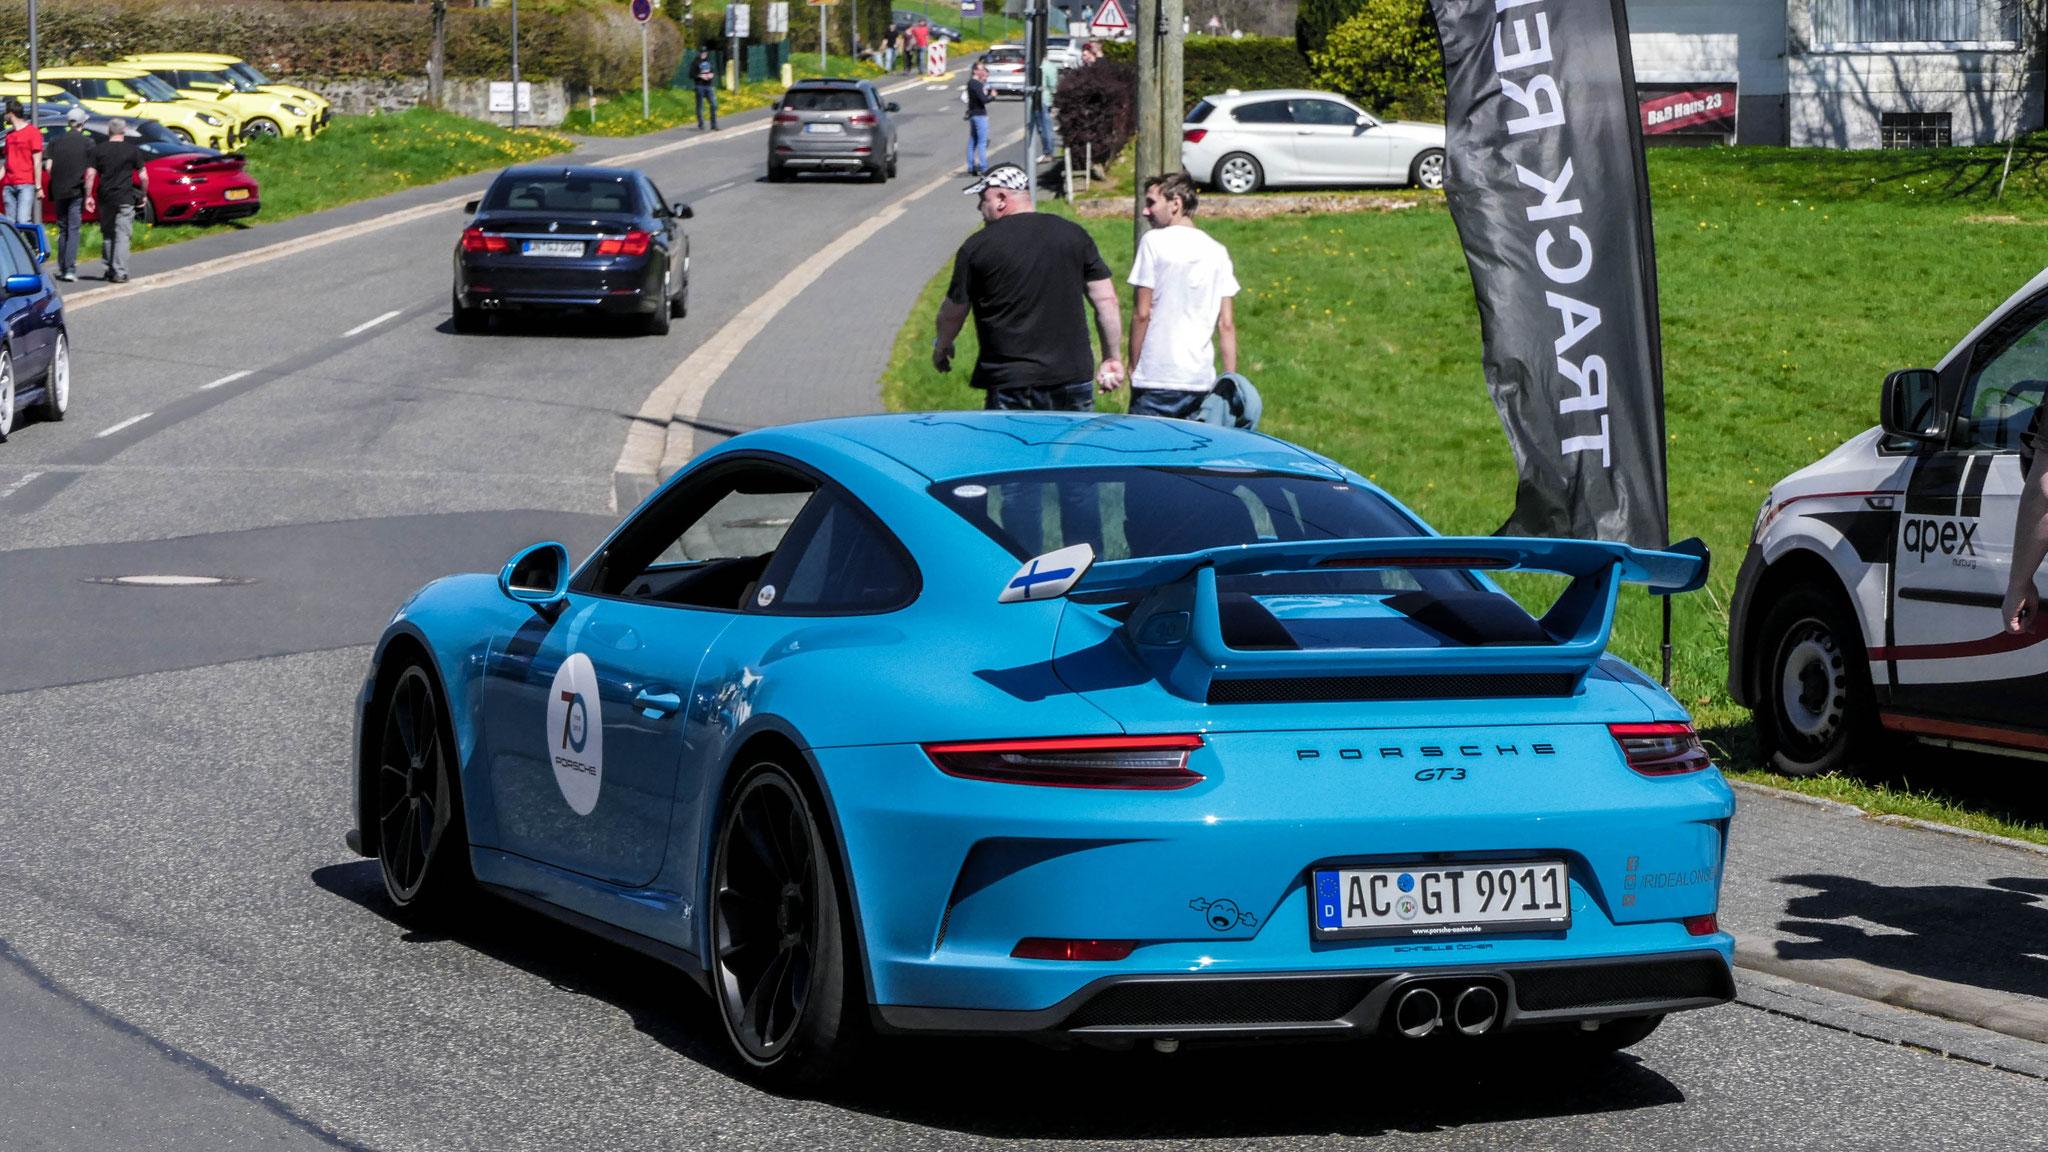 Porsche 991 GT3 - AC-GT-9911